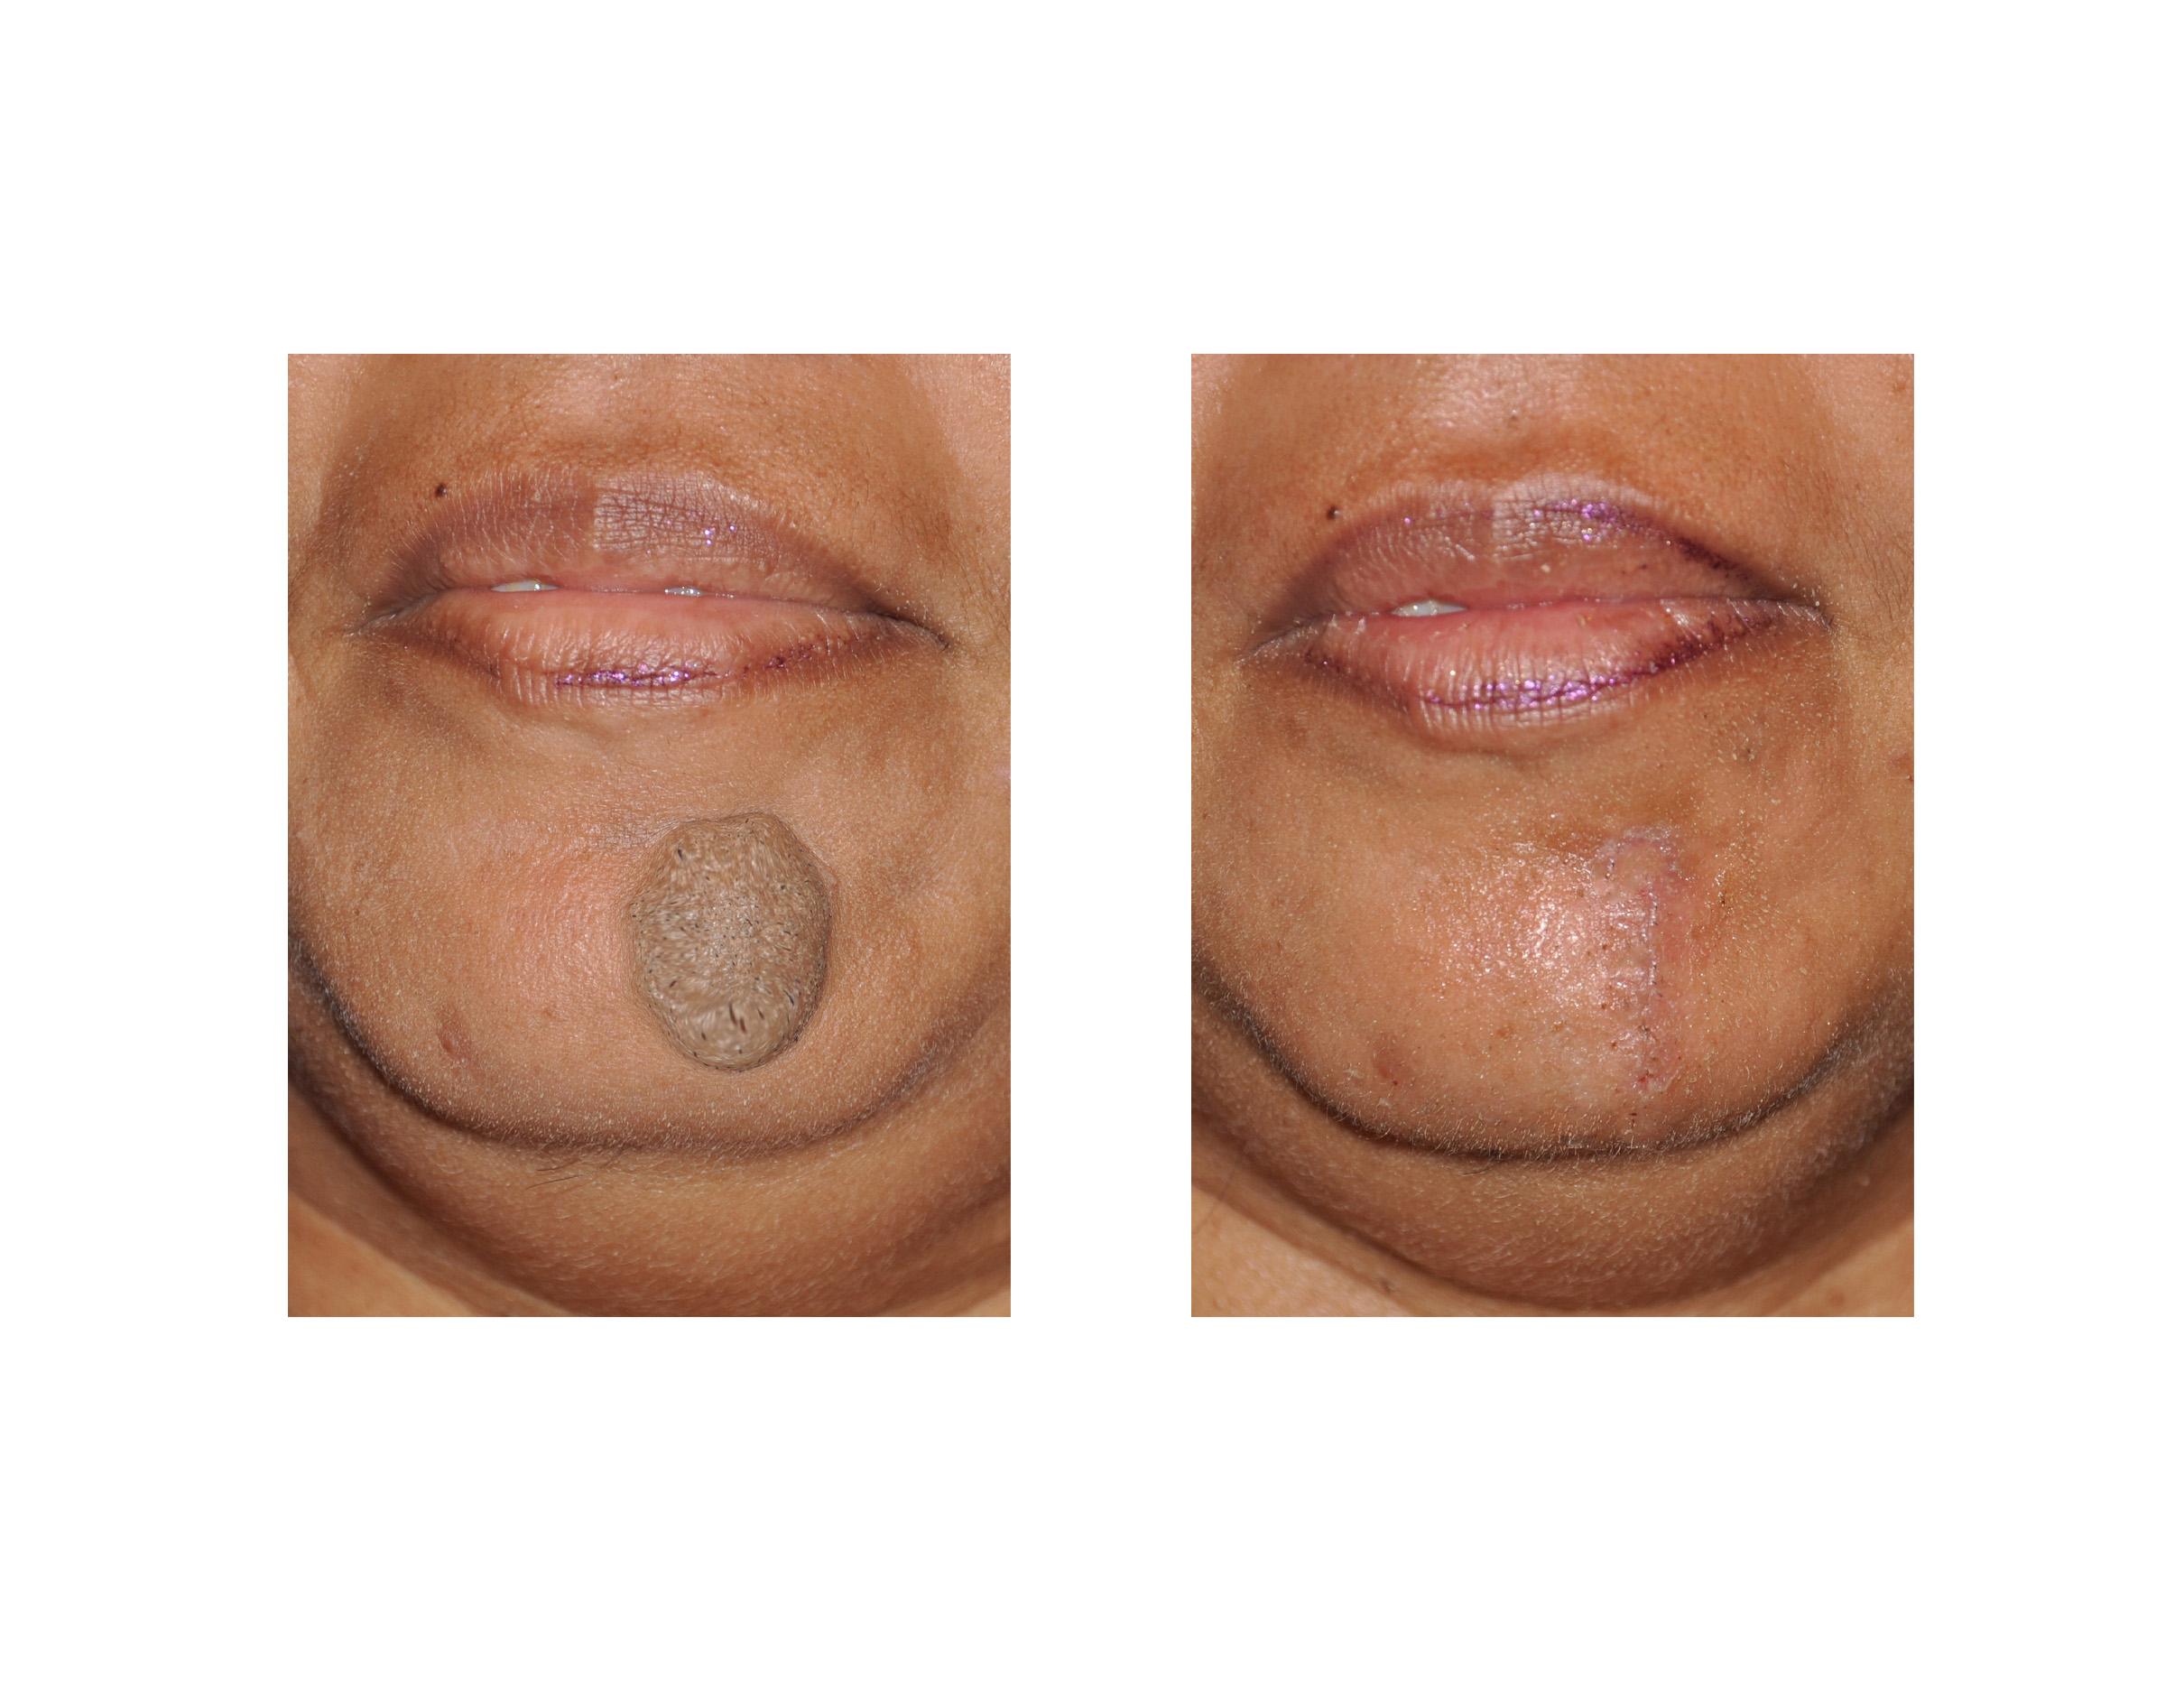 Facial Mole Removal San Diego CA